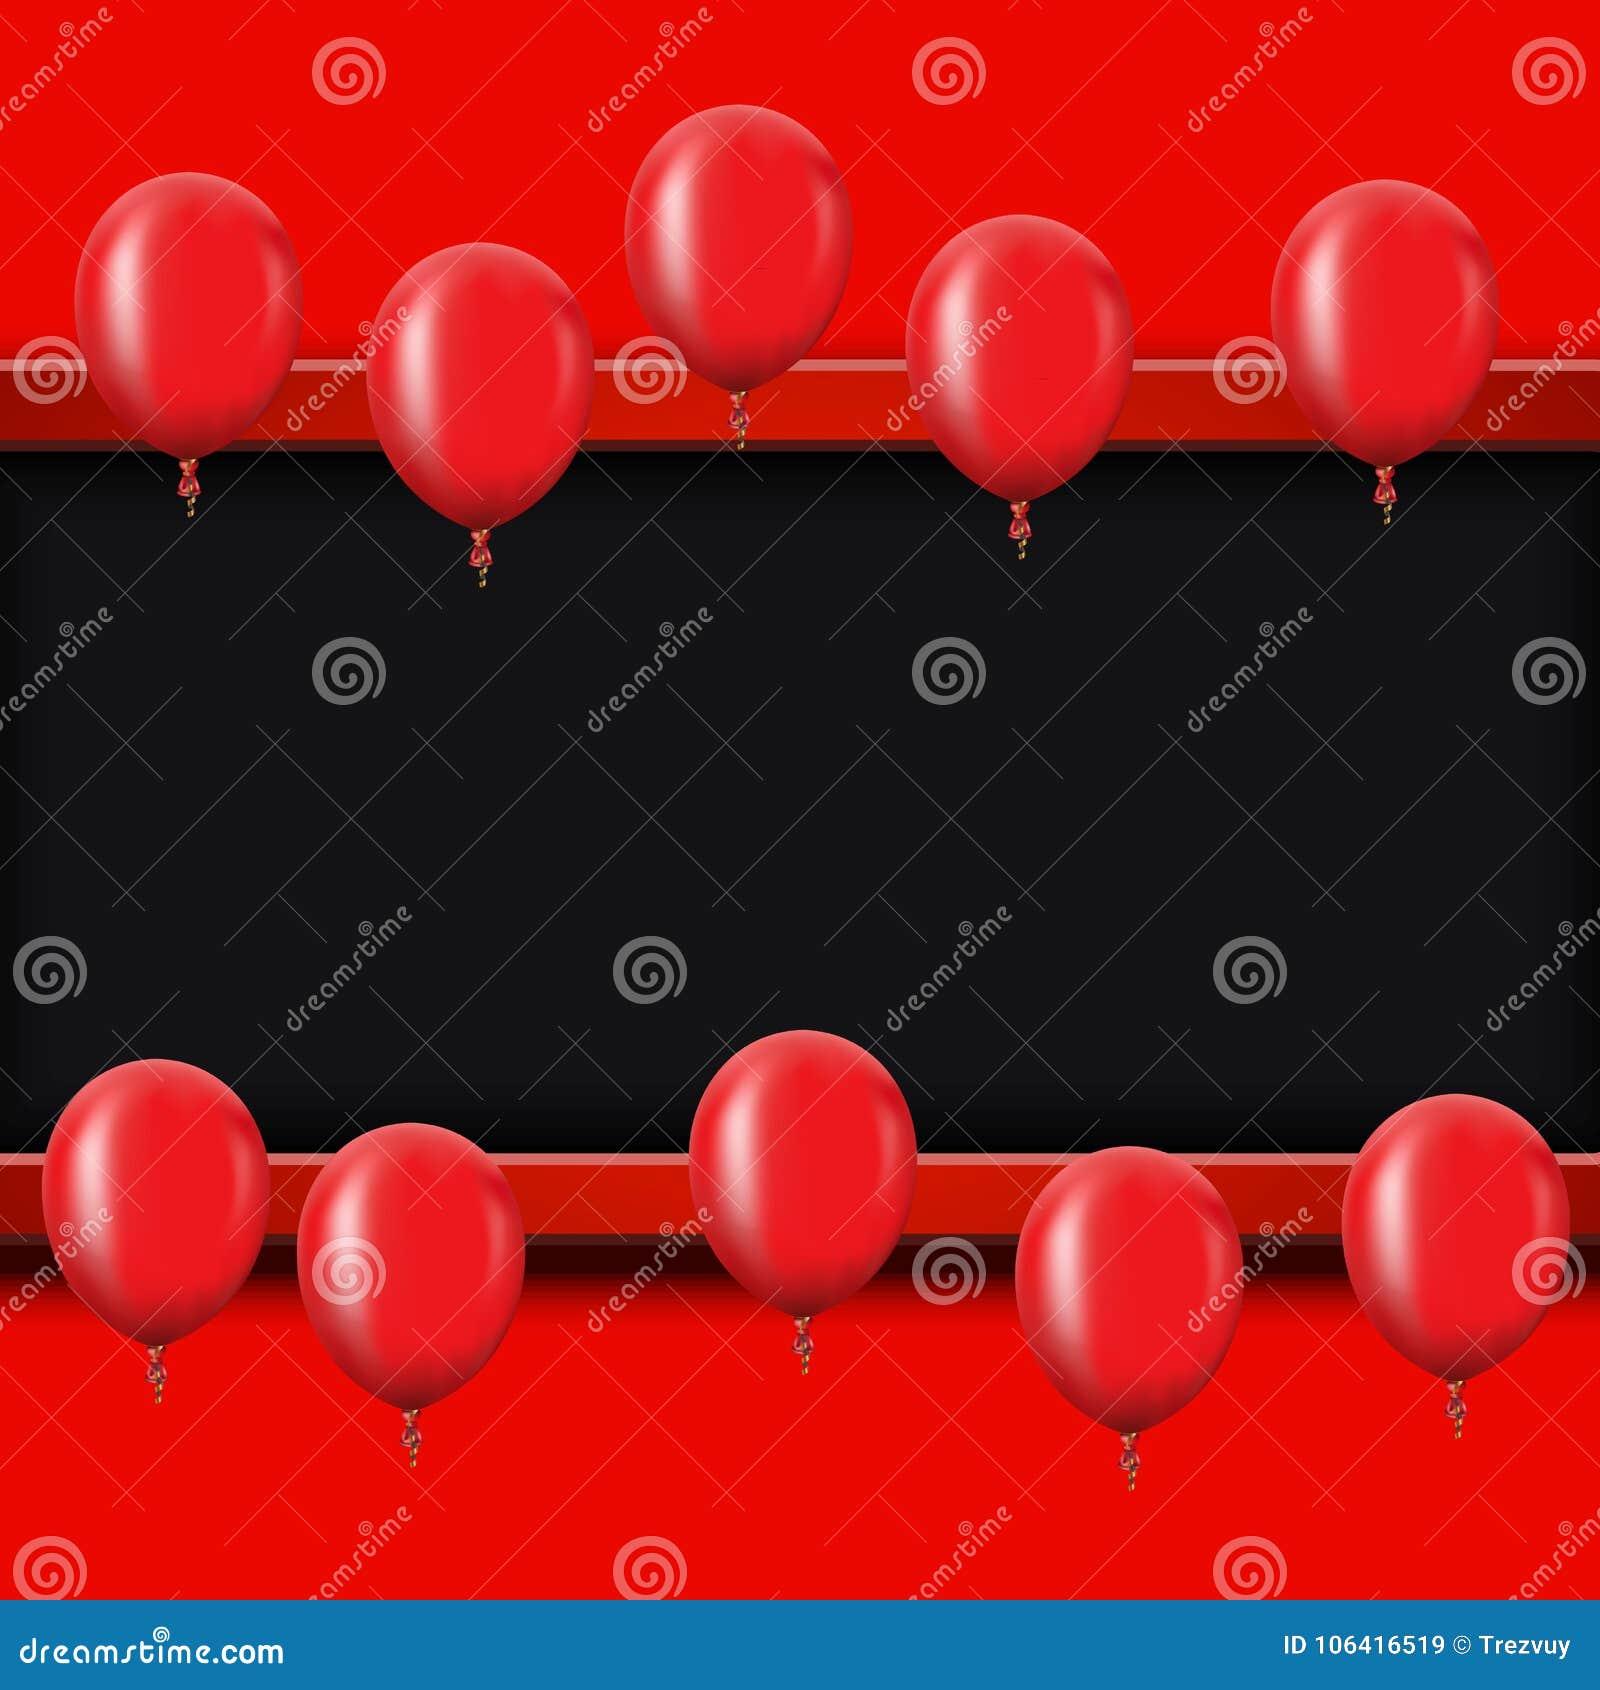 Dirigez Le Fond D Or Moderne De Ballons Pour Le Joyeux Anniversaire